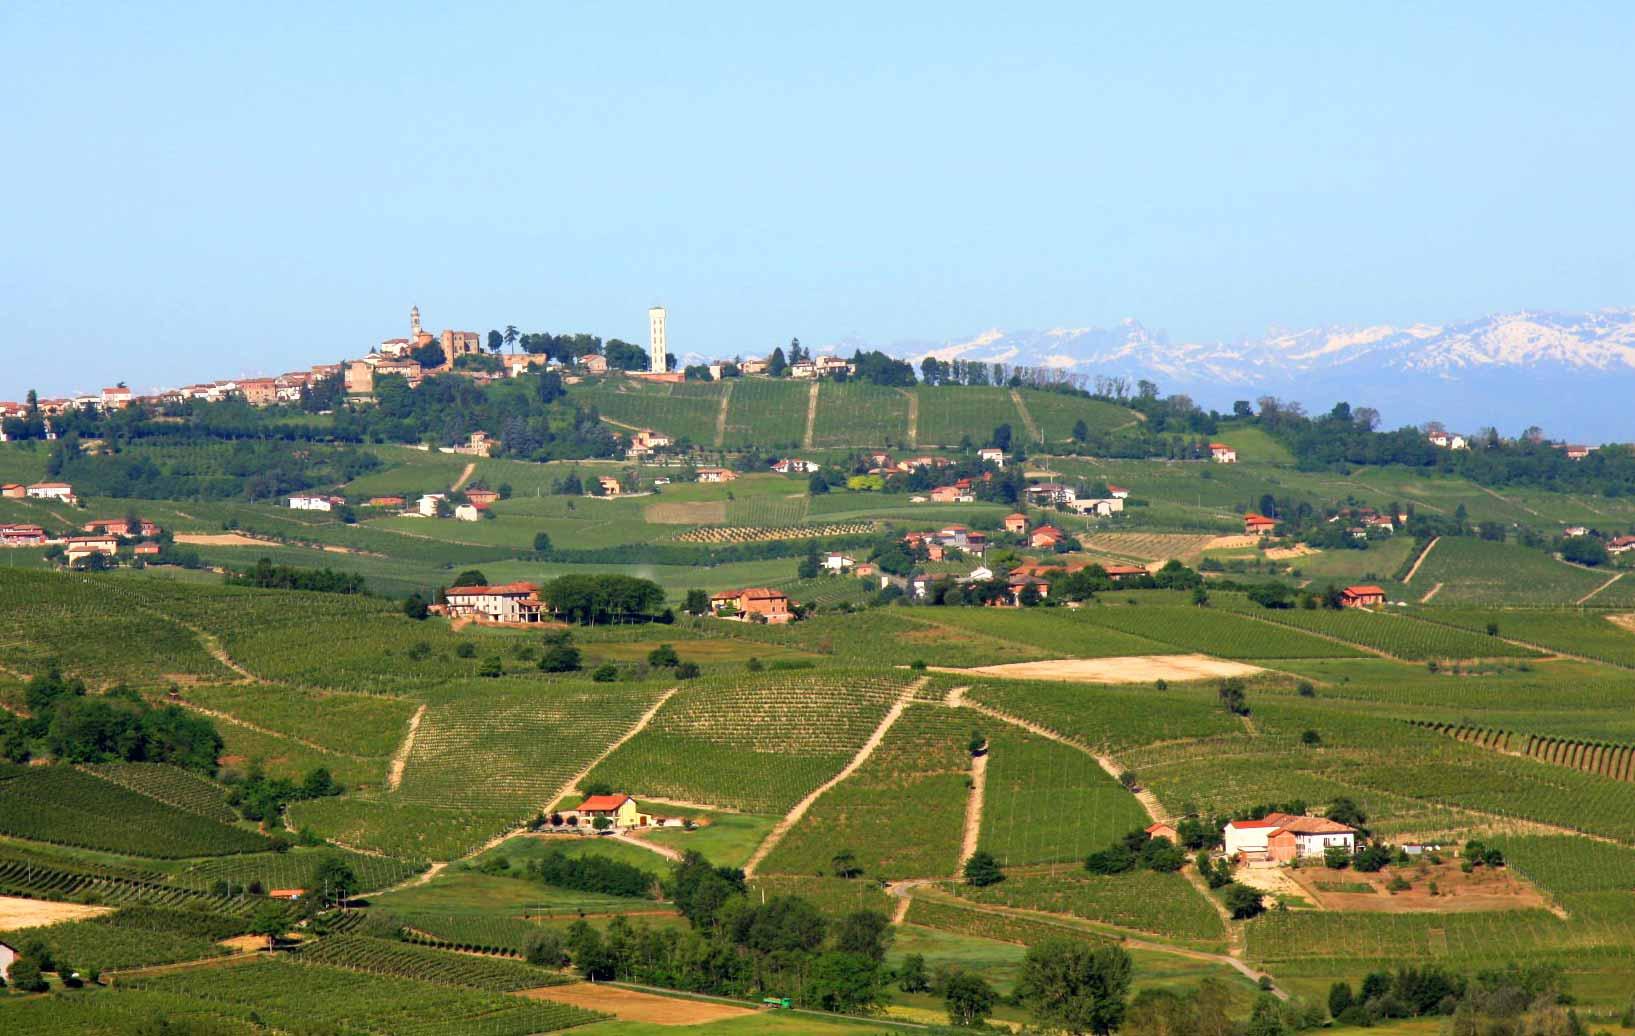 San-Marzano-Oliveto-monferrato